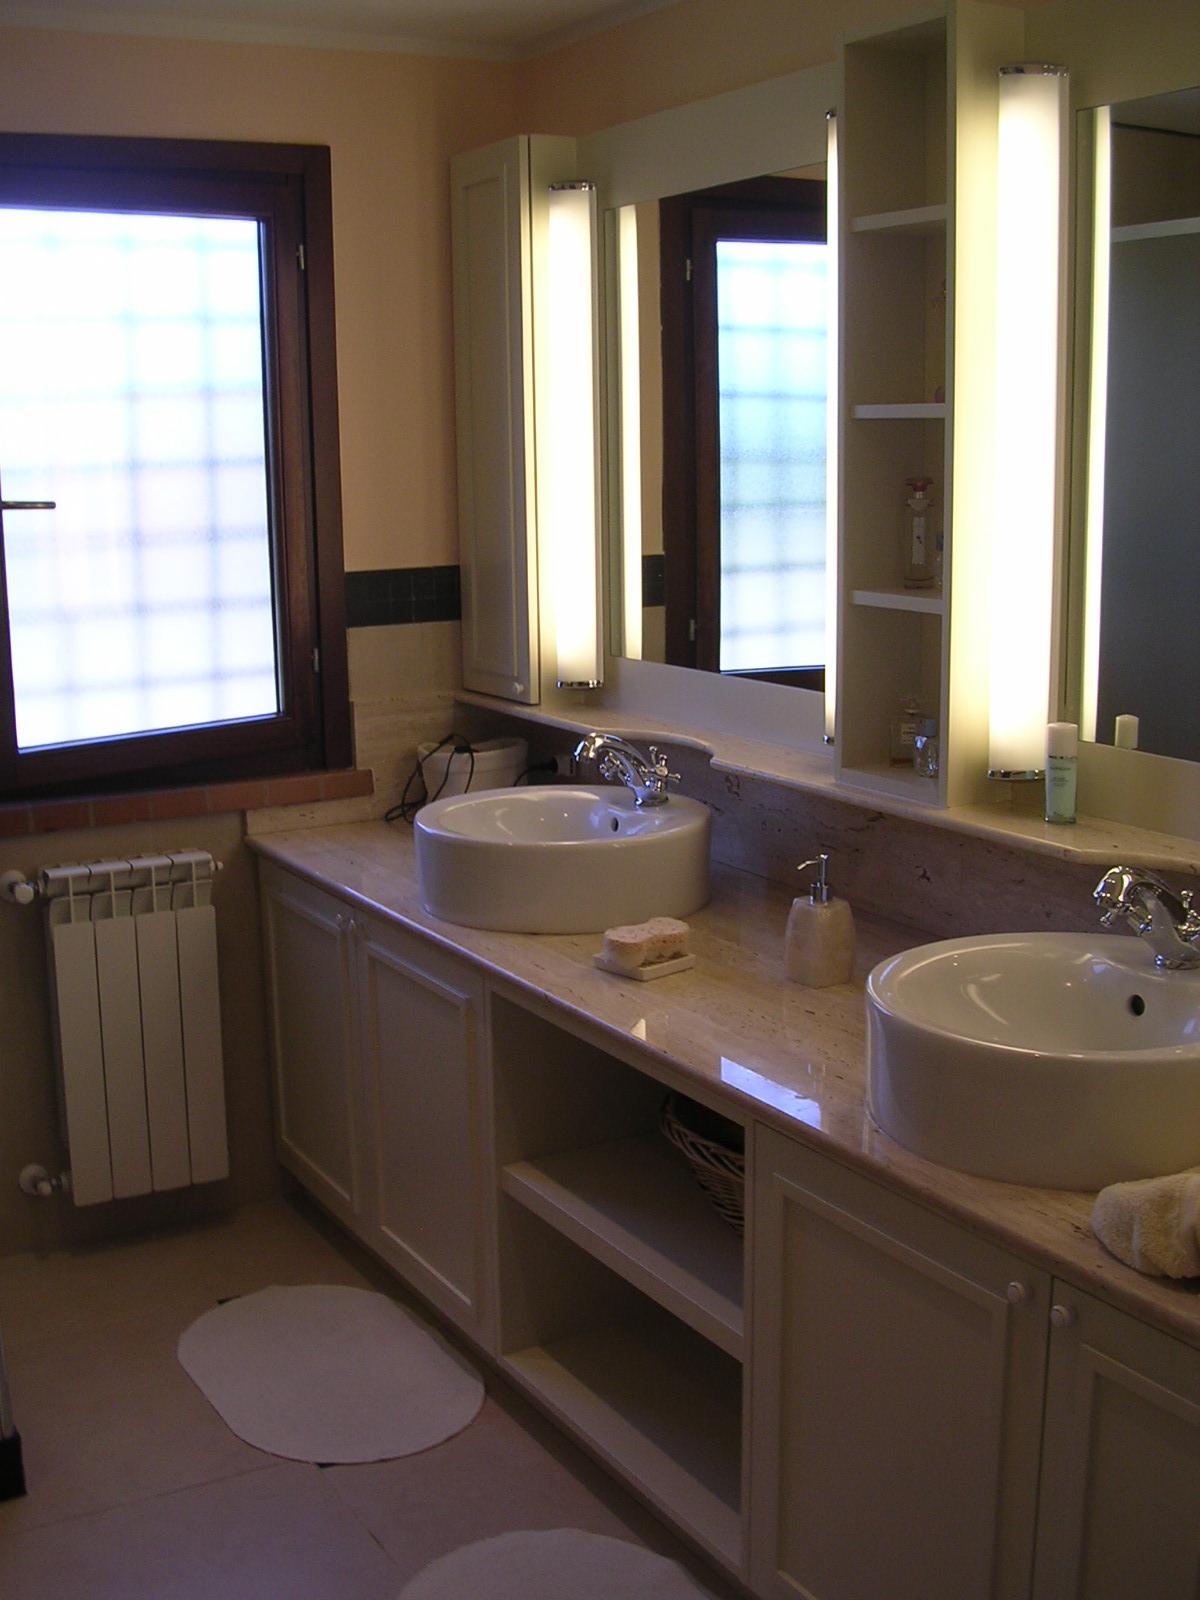 arredamento di un bagno rdarredamenti roma | falegnameria rd ... - Arredo Bagno Offerte Roma